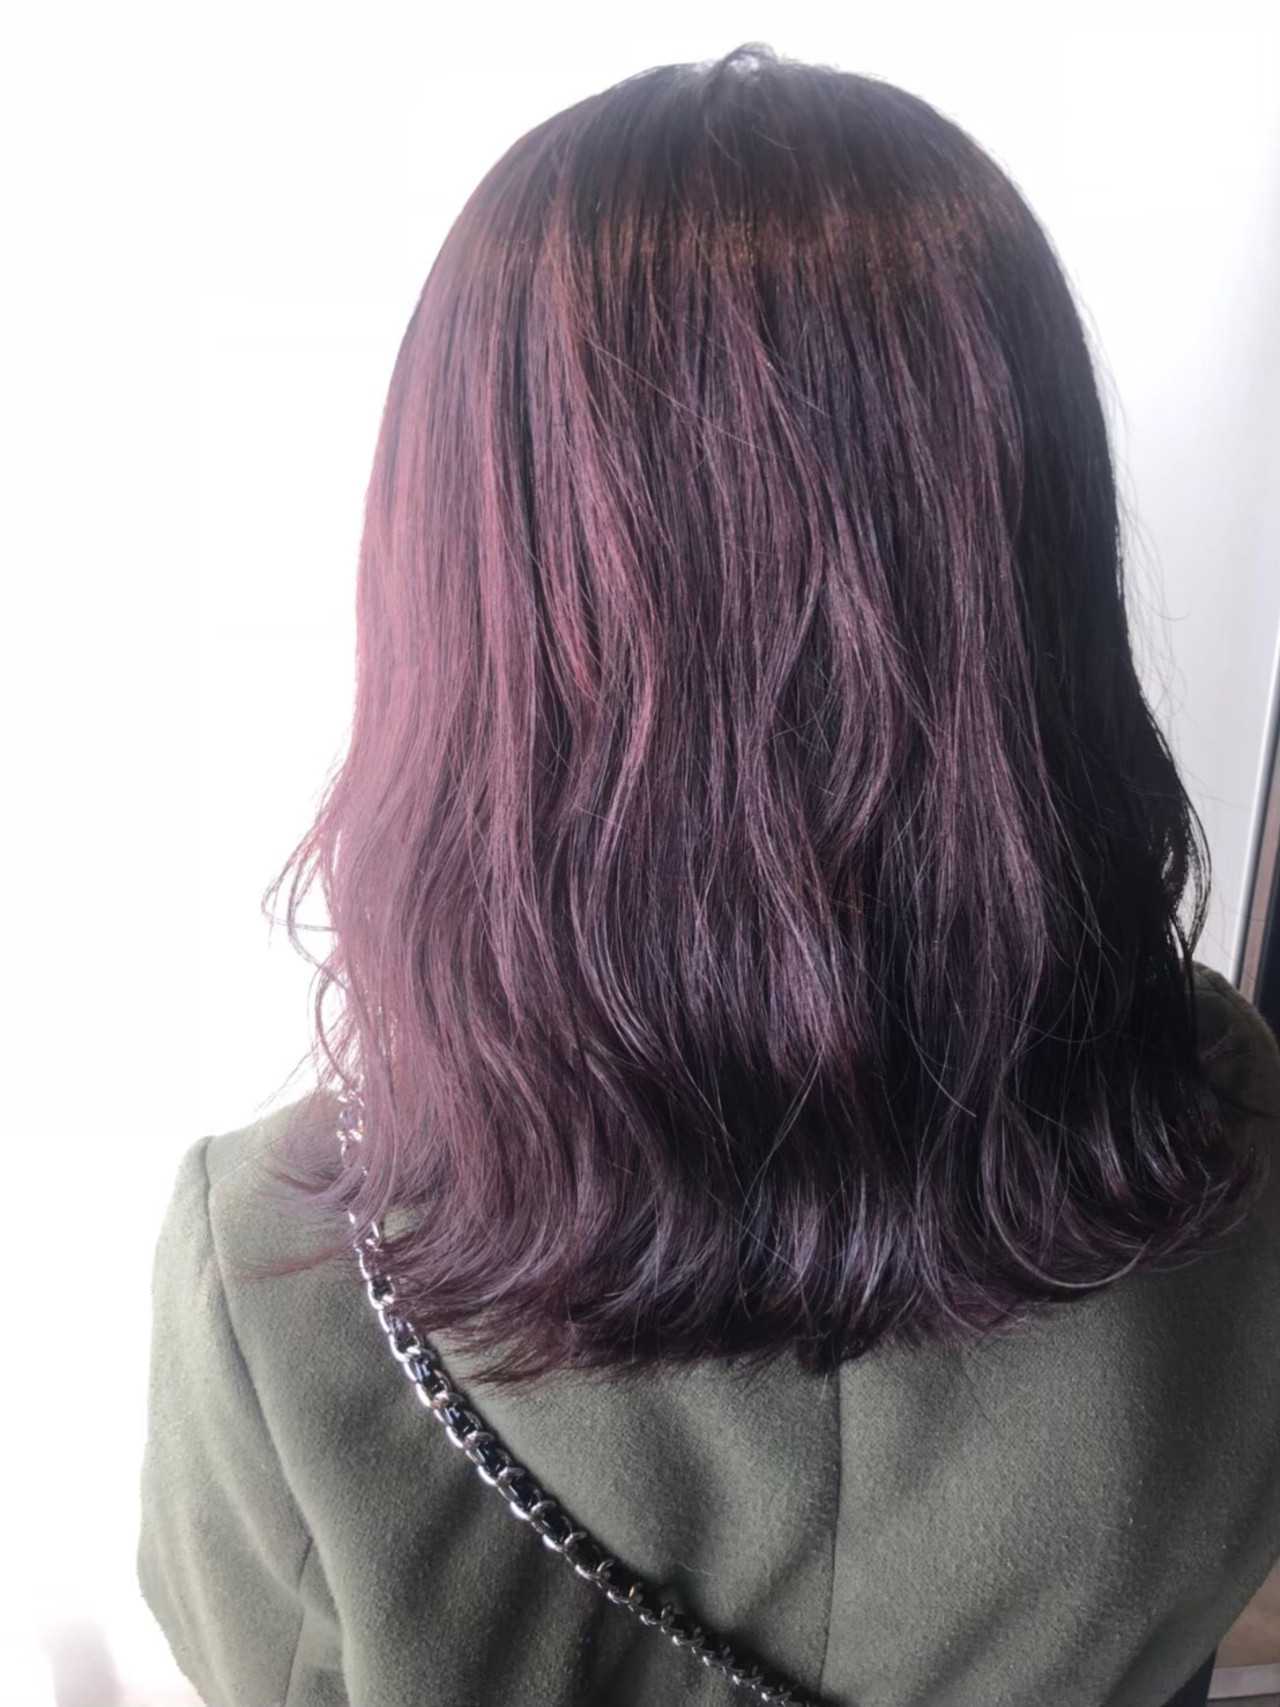 ピンクラベンダー ラベンダーグレージュ ミディアム イルミナカラーヘアスタイルや髪型の写真・画像